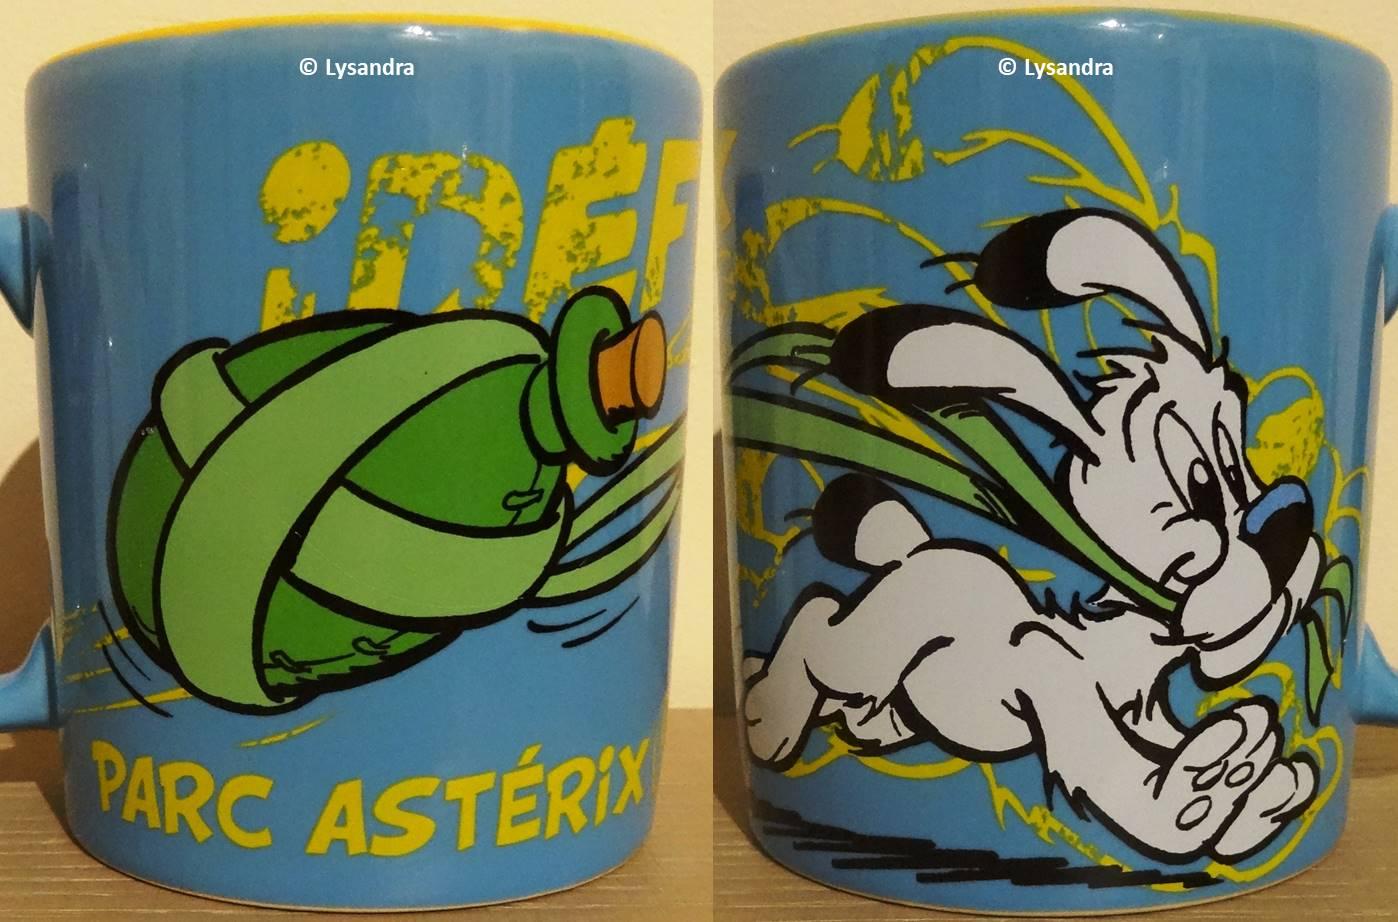 Mes dernières acquisitions Astérix - Page 33 082q9